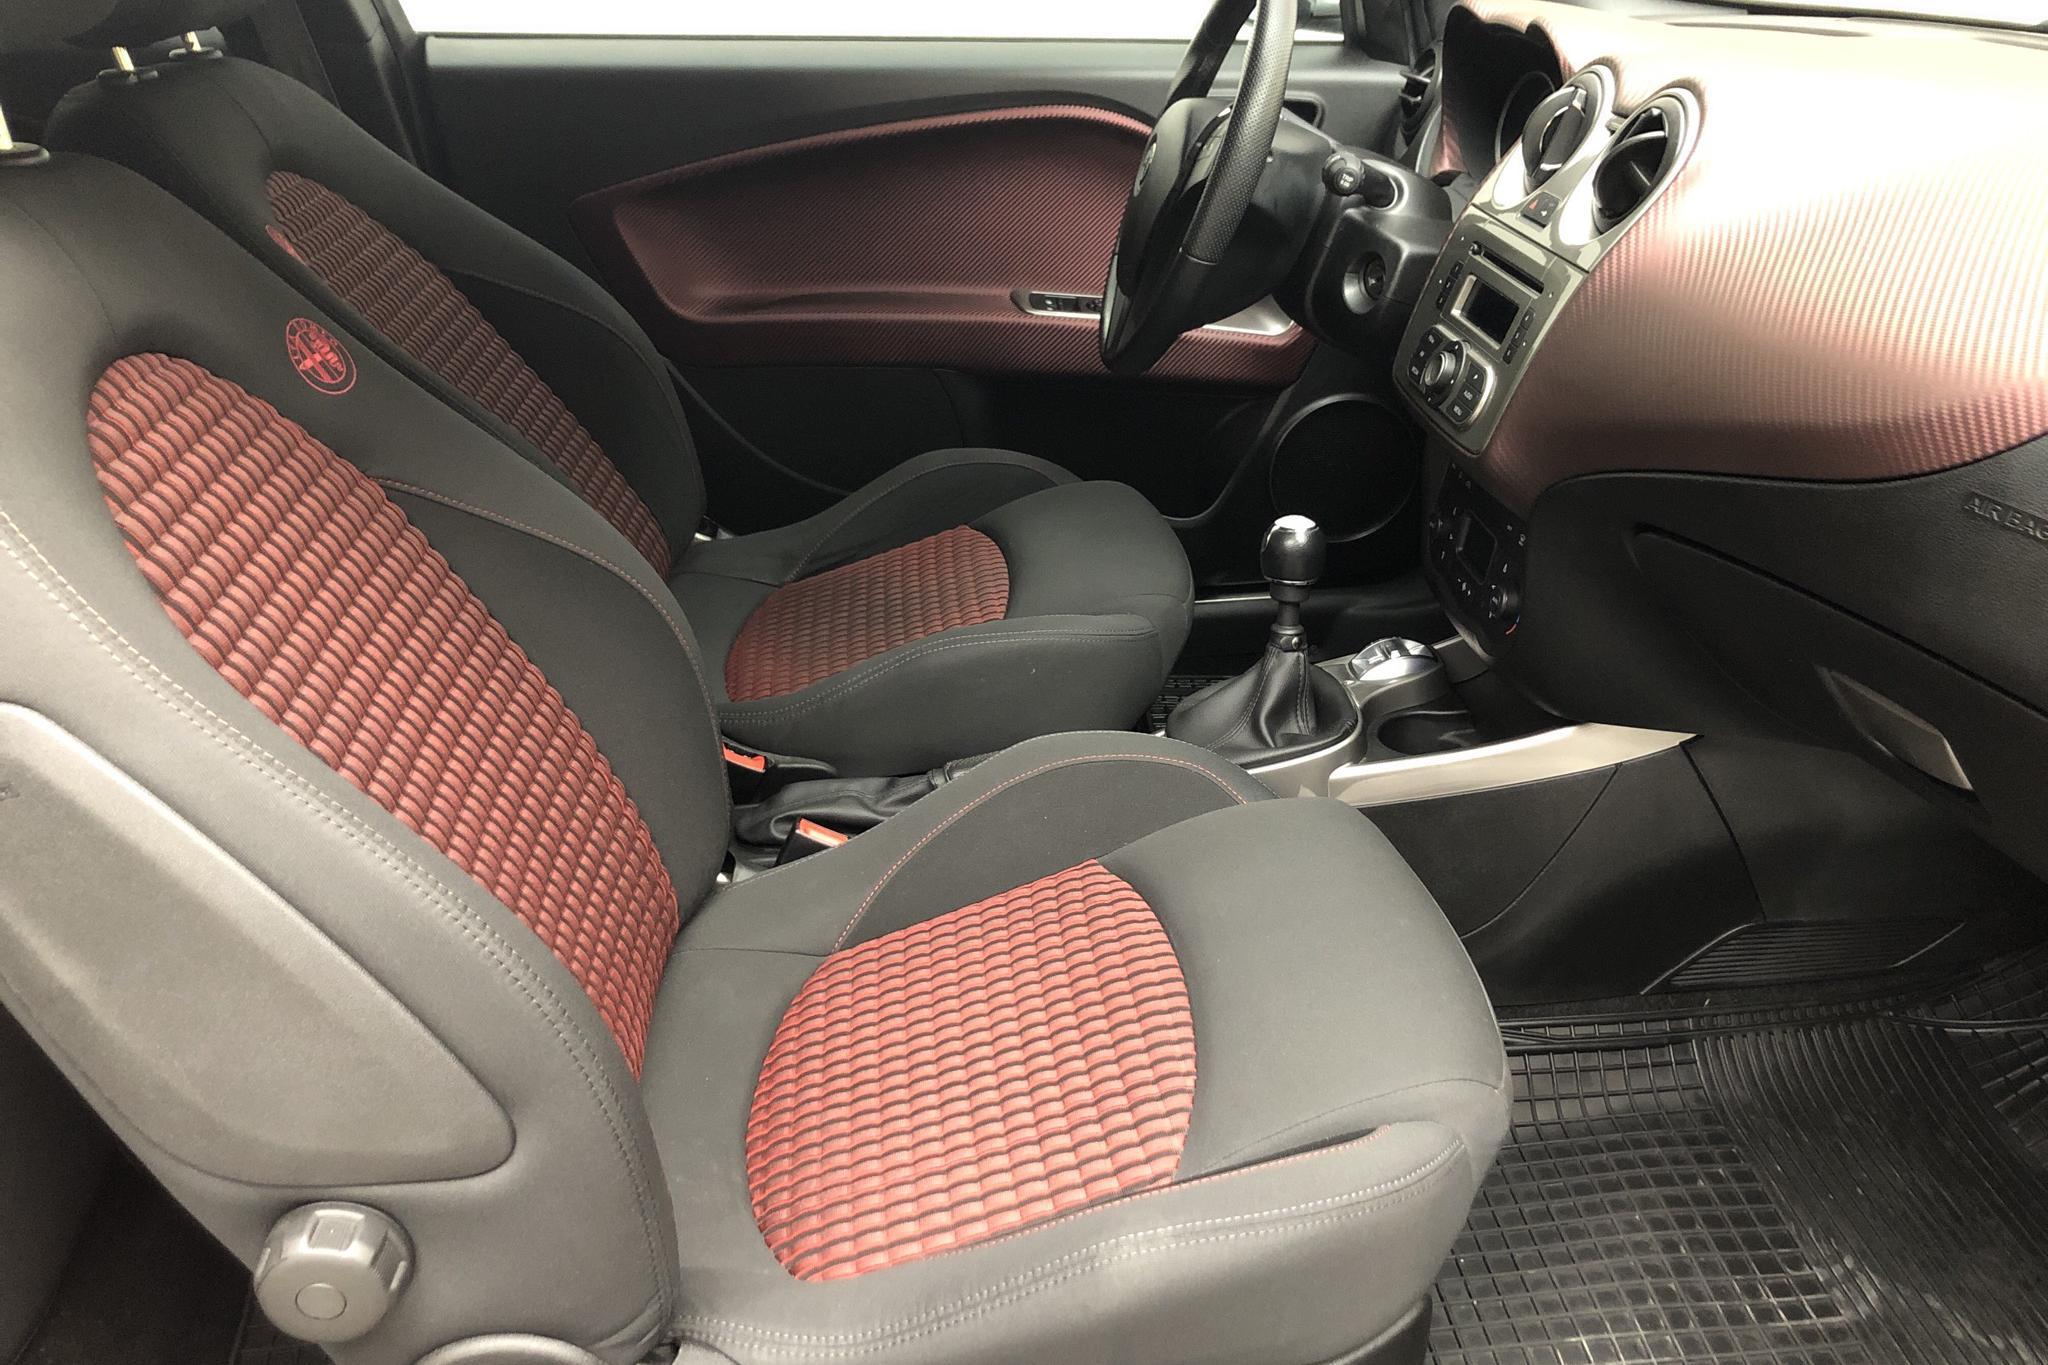 Alfa Romeo MiTo 1.4 MultiAir Turbo (170hk) - 5 673 mil - Manuell - röd - 2011